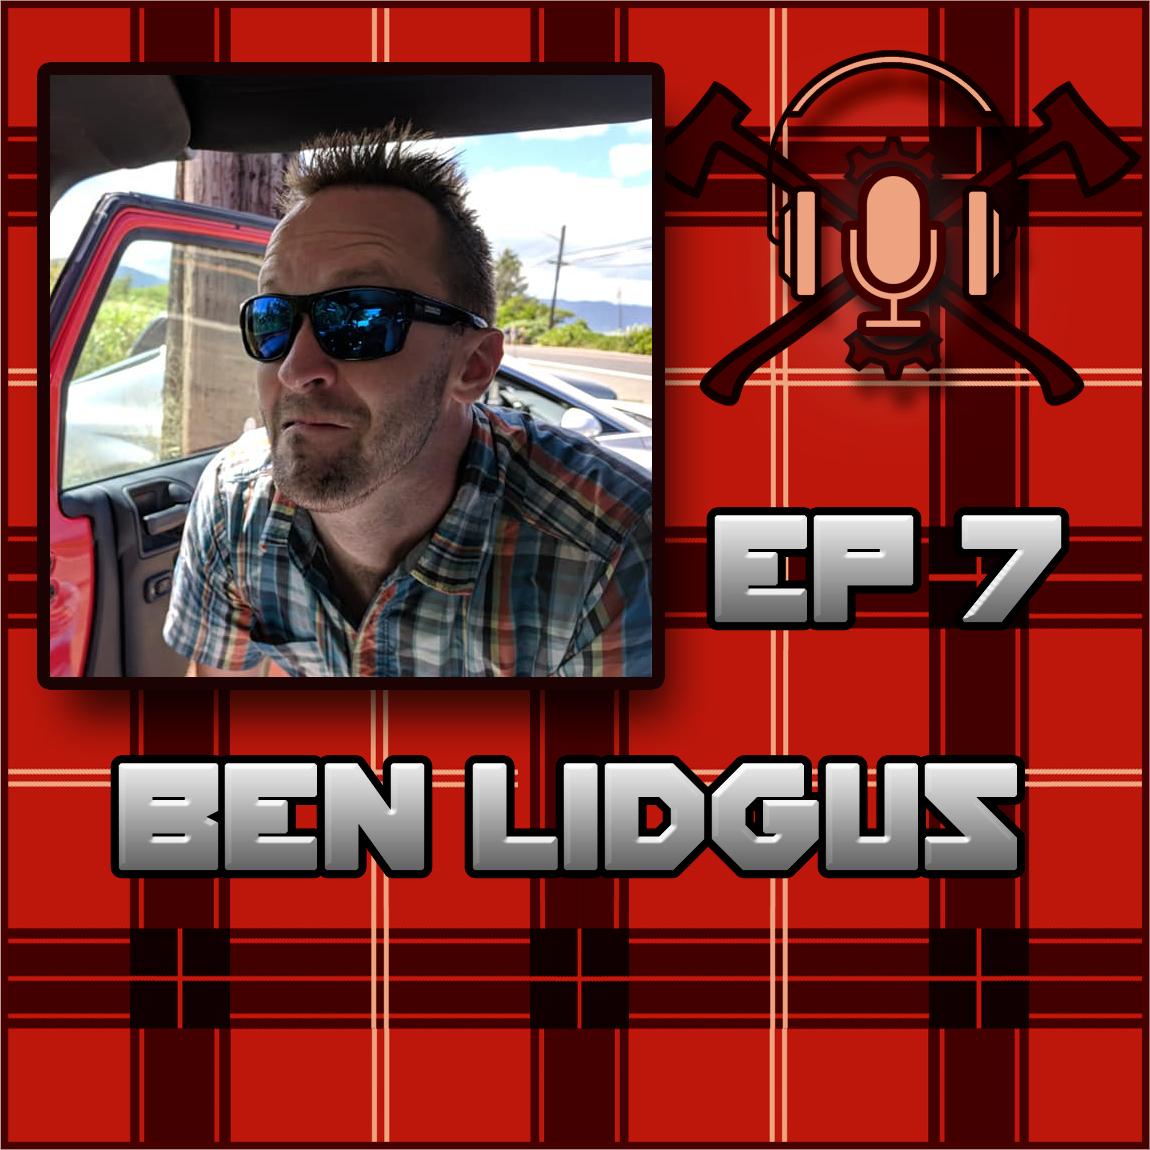 Ben Lidgus